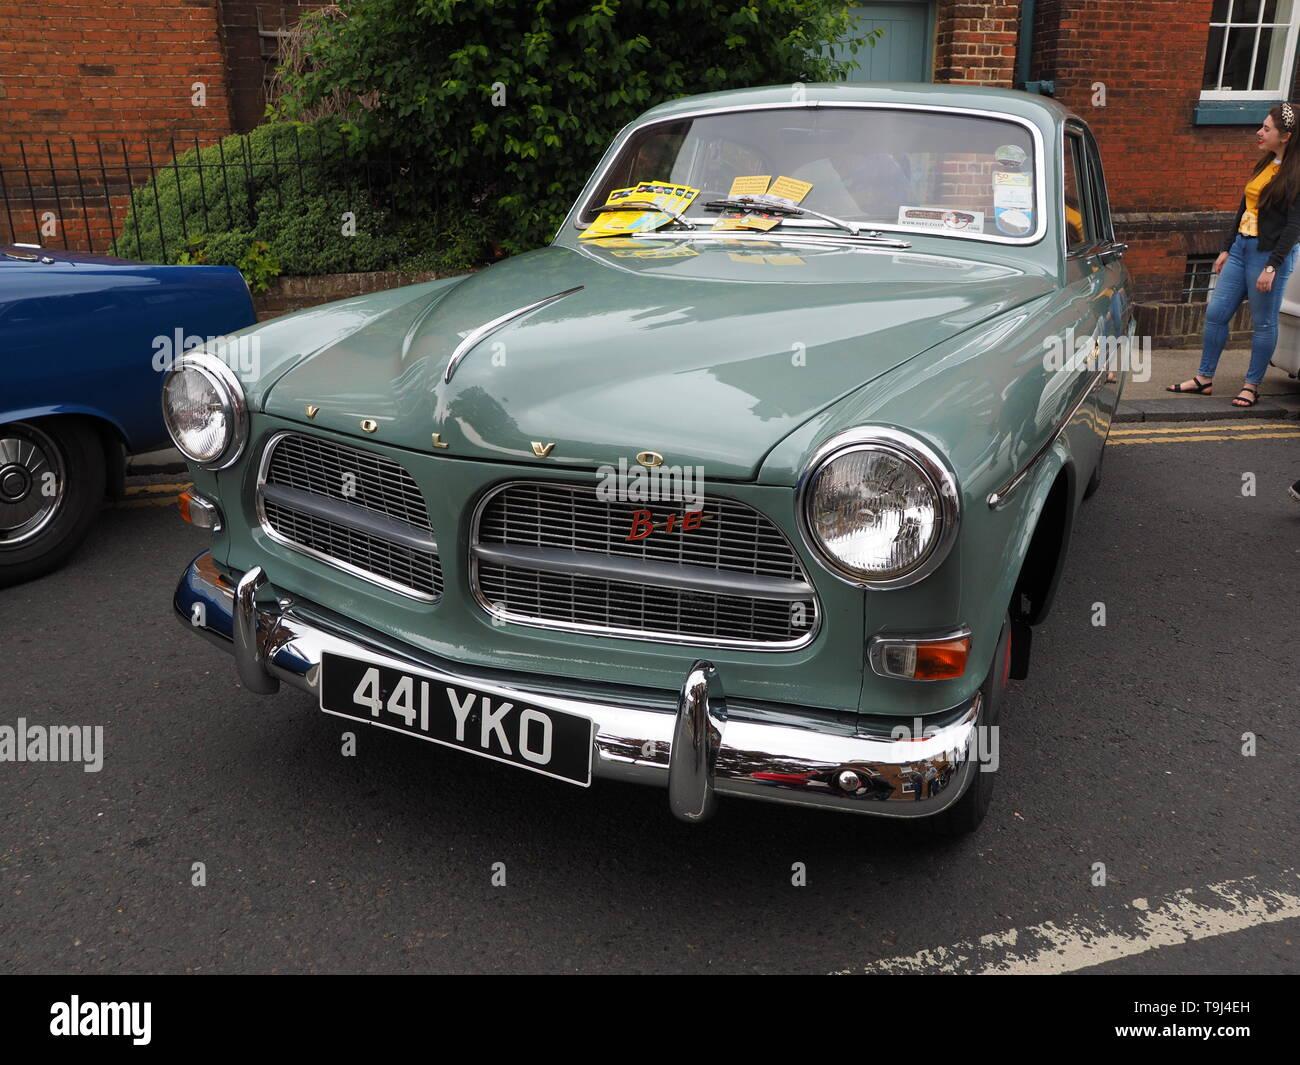 Volvo Cars Show Fotos E Imagenes De Stock Alamy